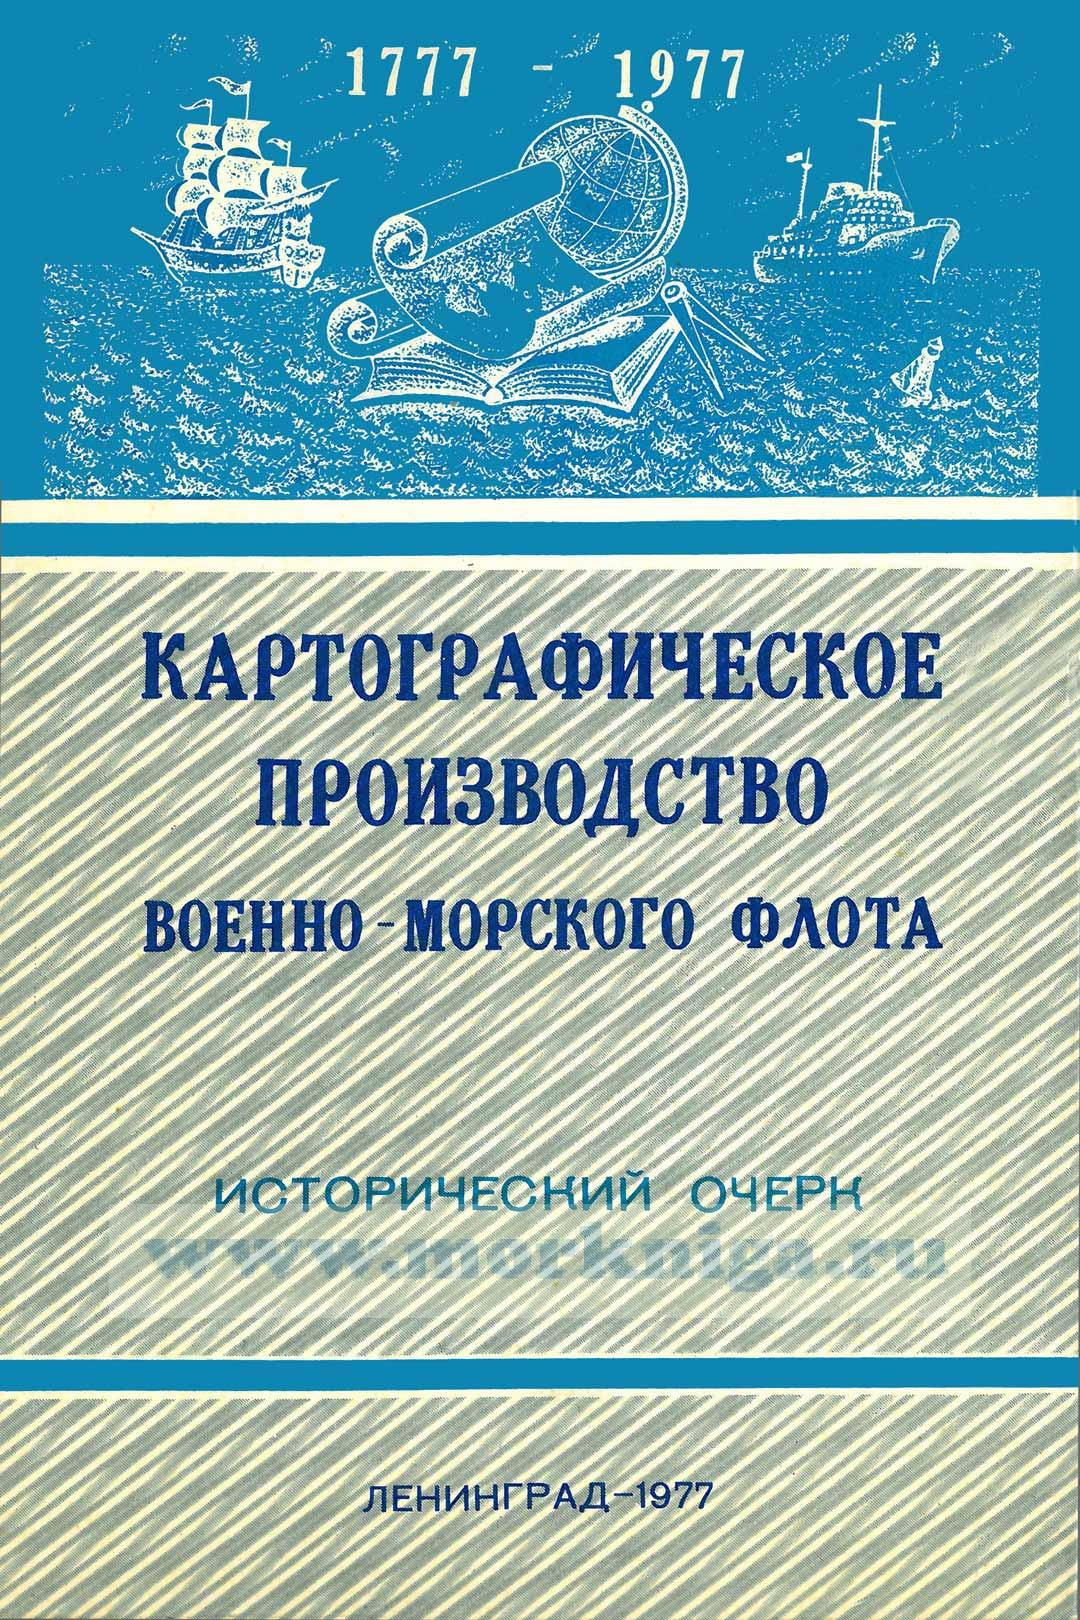 Картографическое производство военно-морского флота